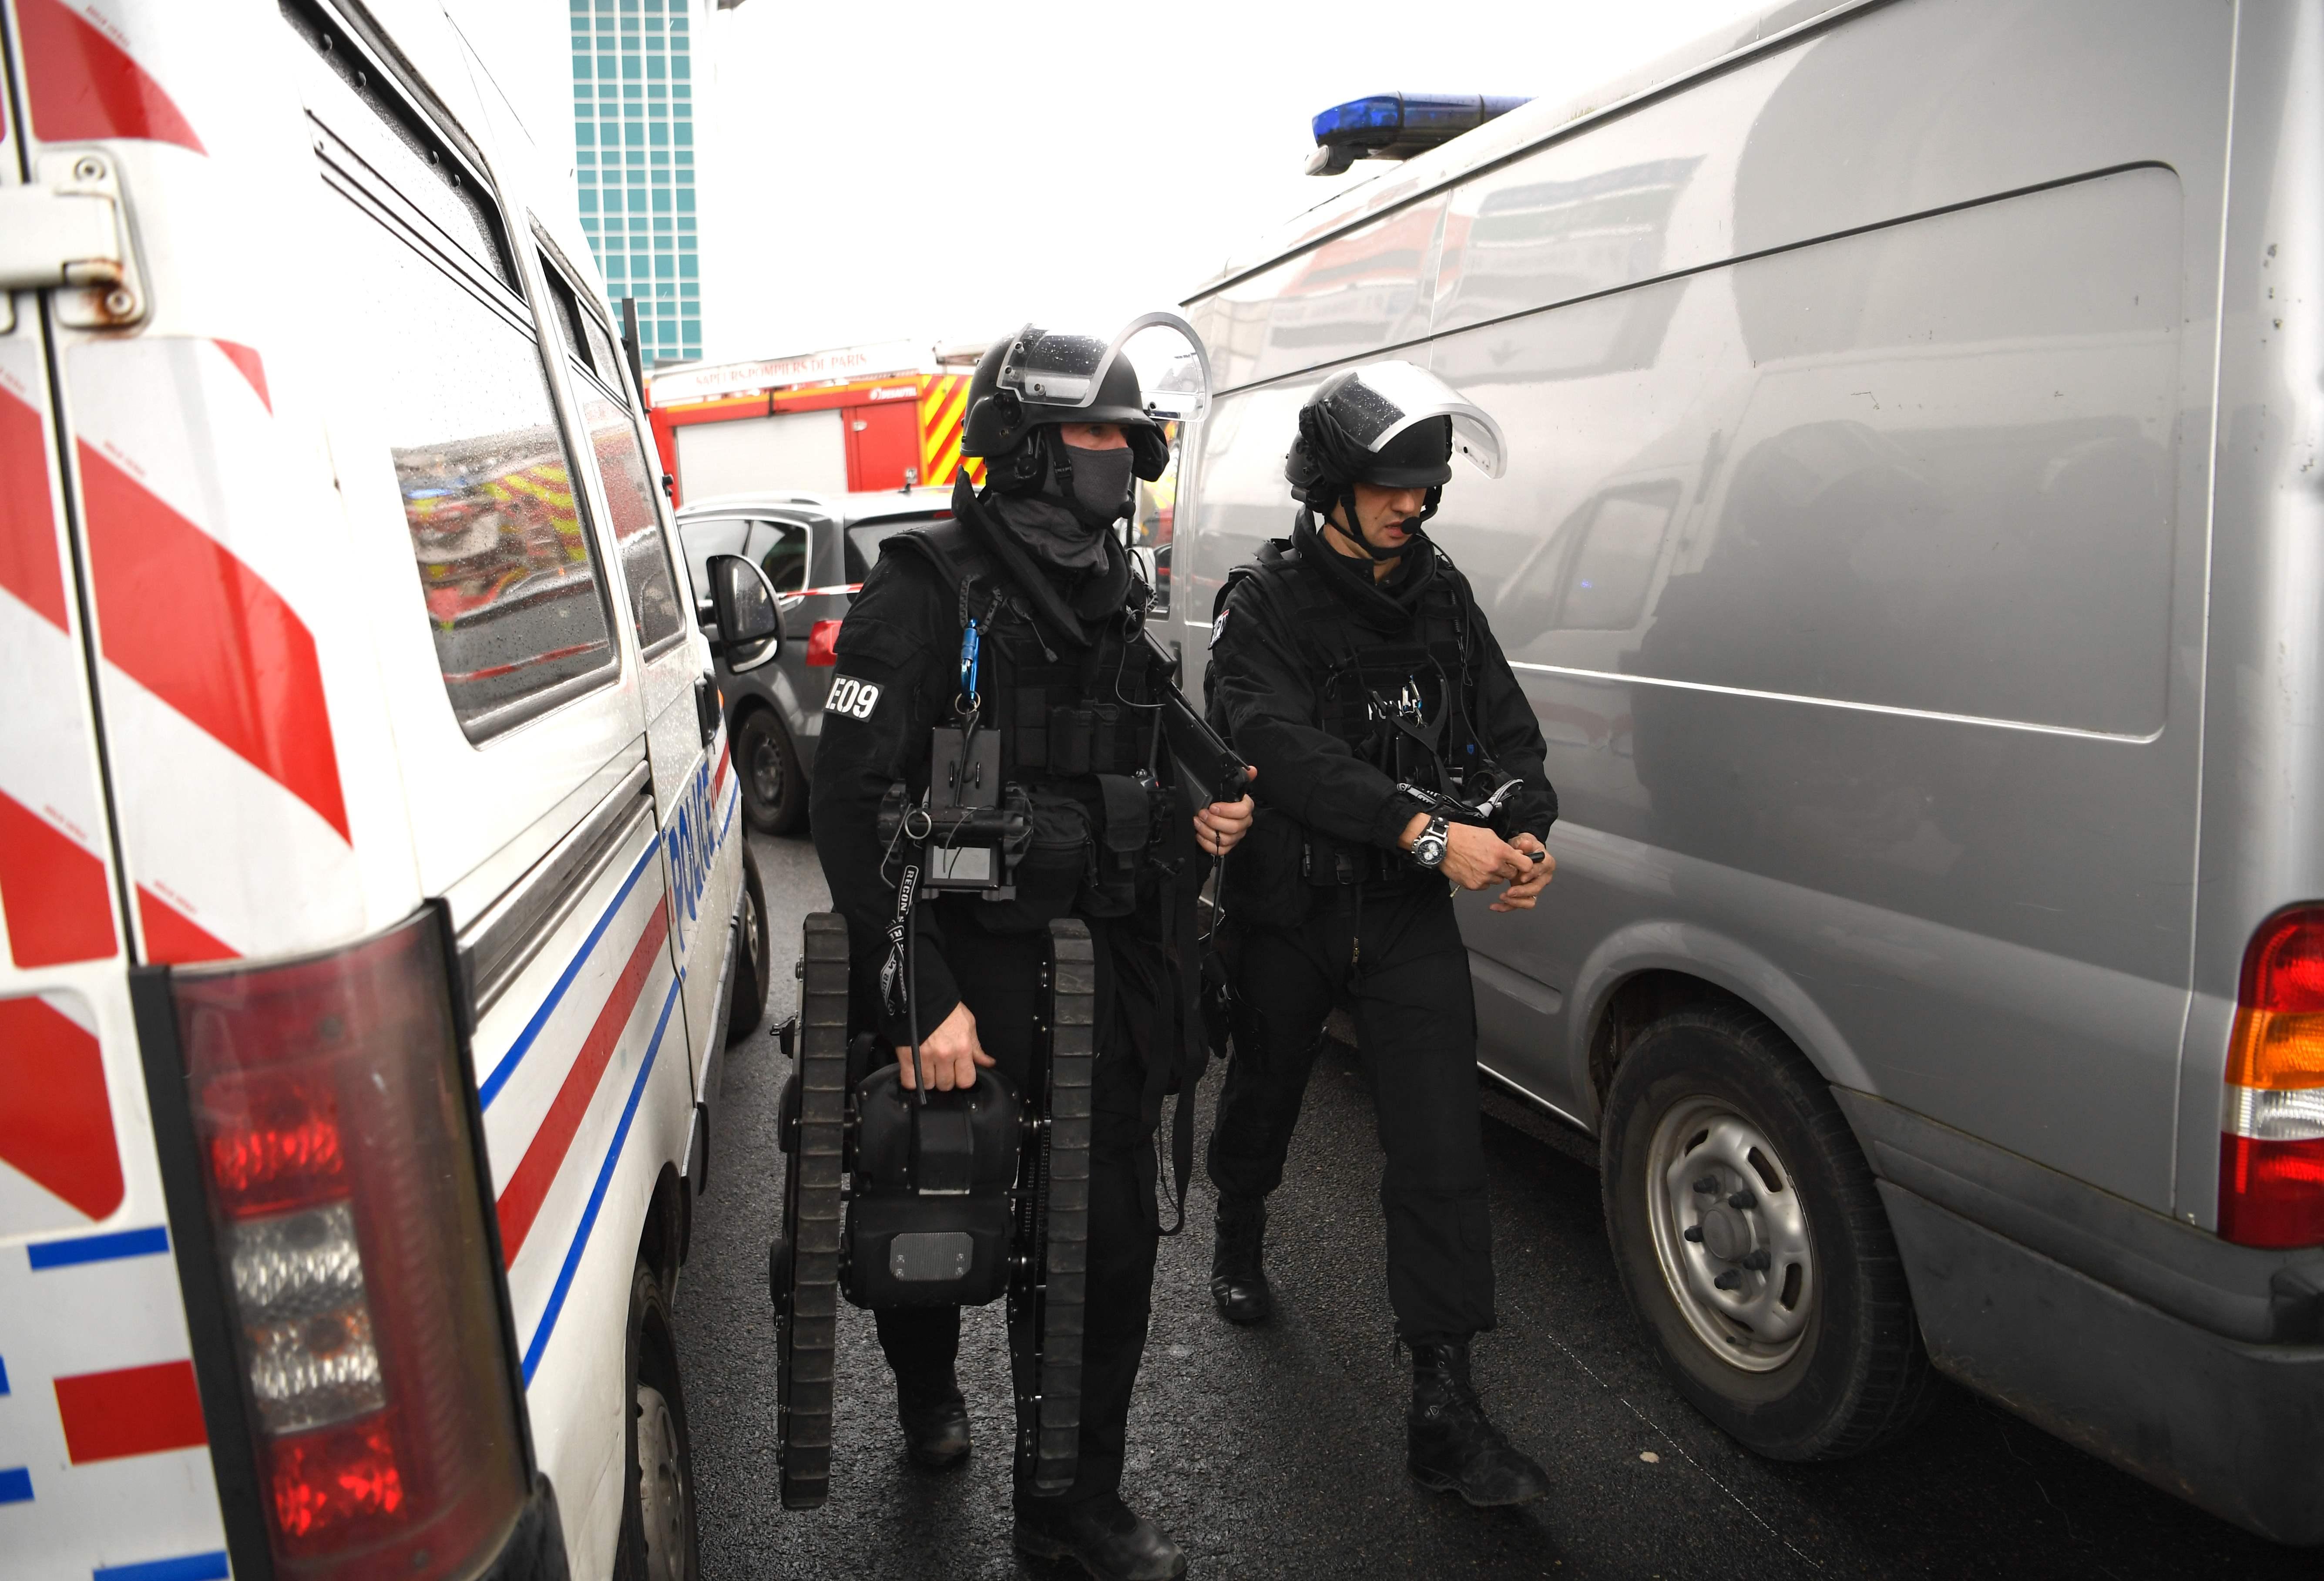 الشرطة الفرنسية خلال عملية البحث عن متفجرات بالمطار